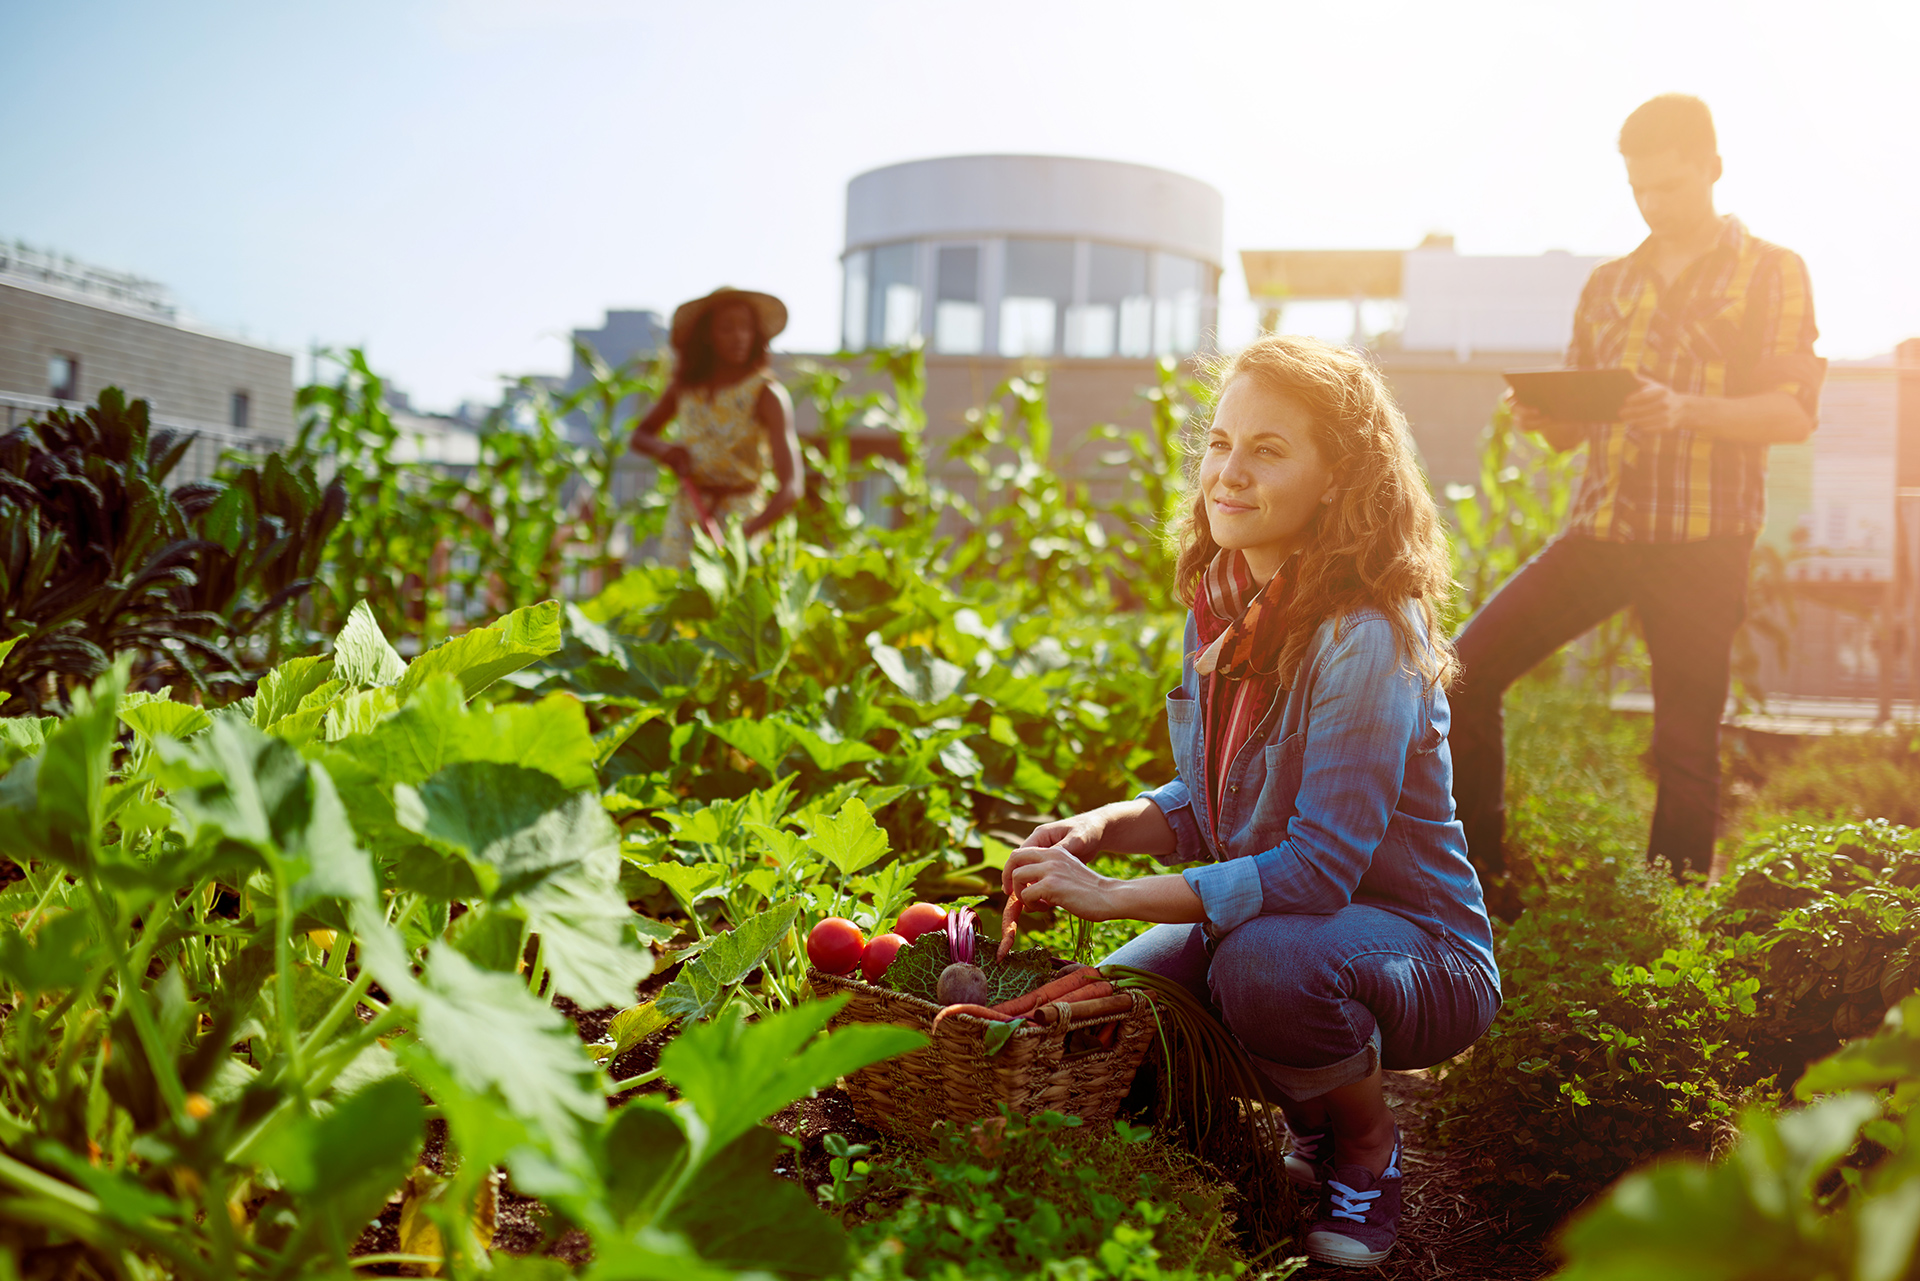 Les jardins partagés : au cœur de la consommation collaborative